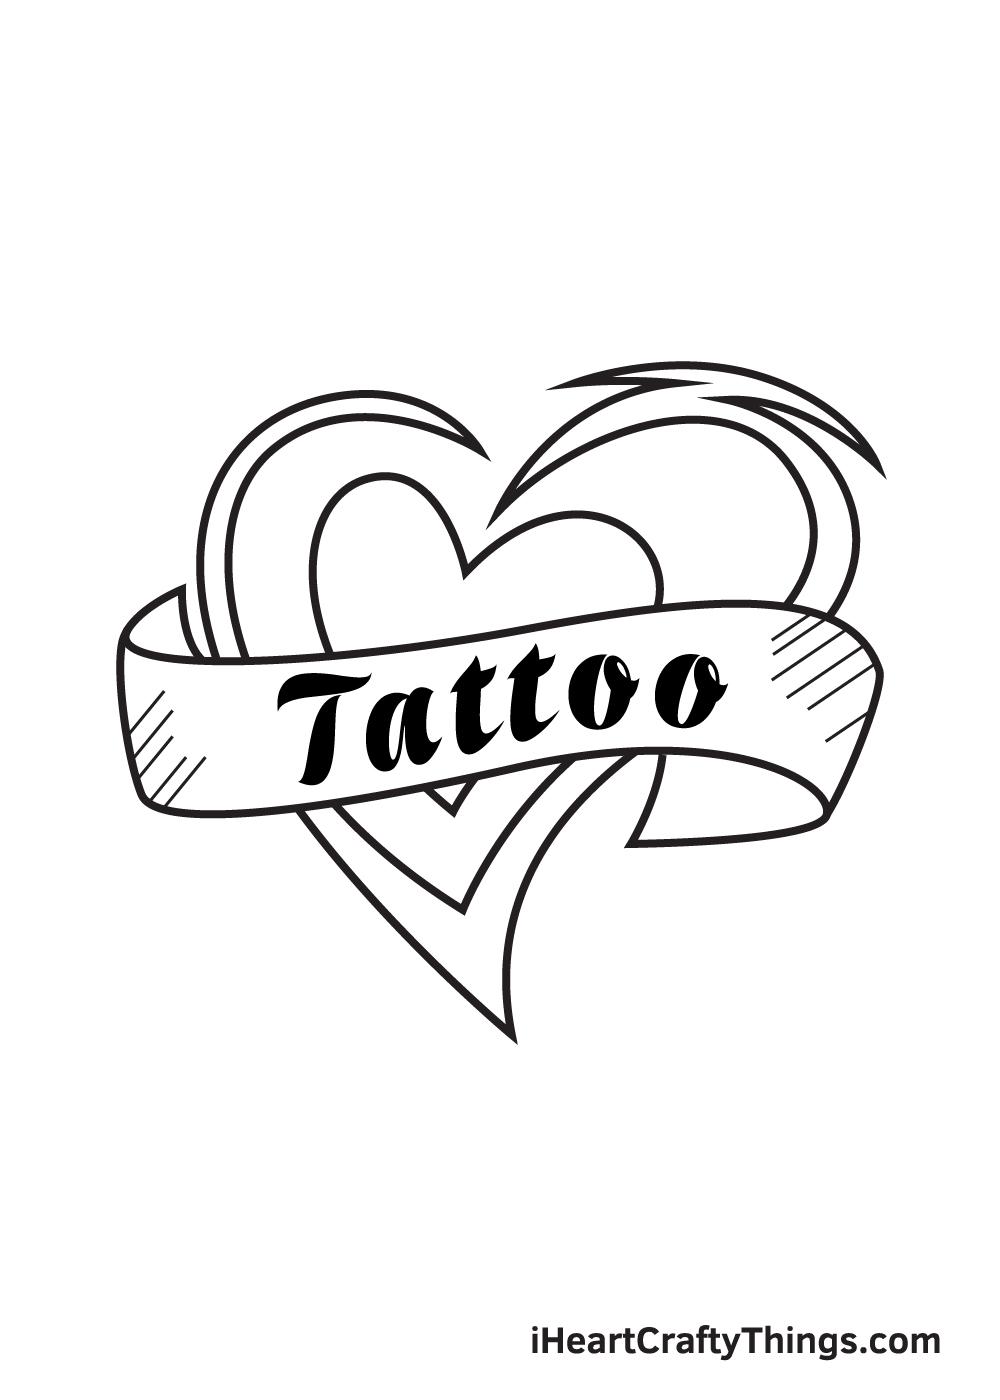 tattoo drawing step 9